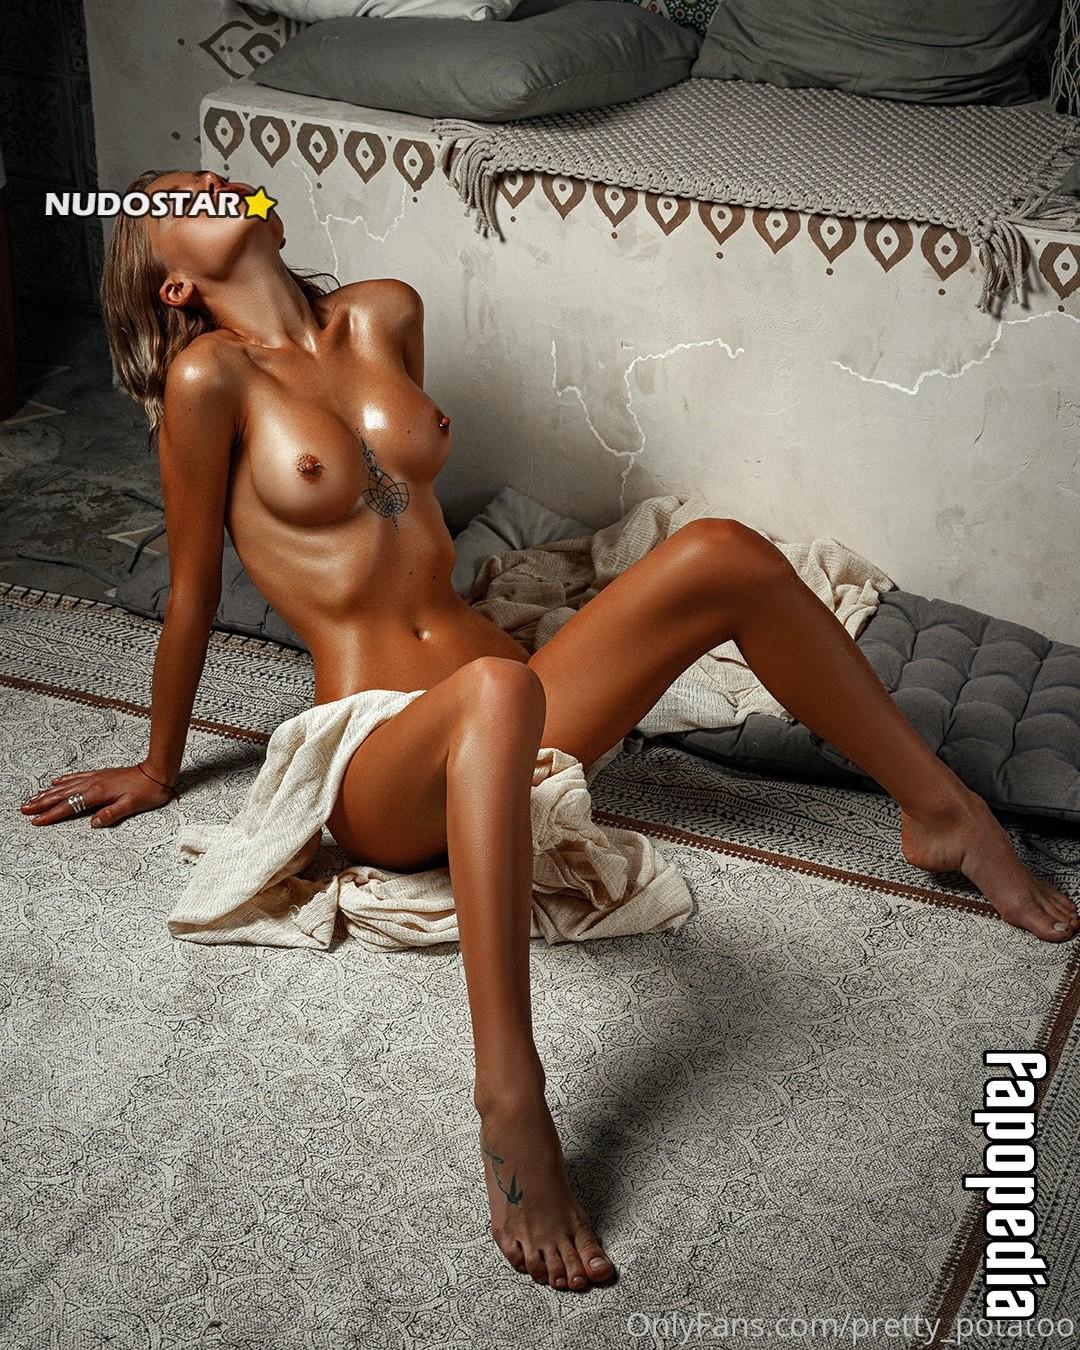 Pretty_potatoo Nude OnlyFans Leaks